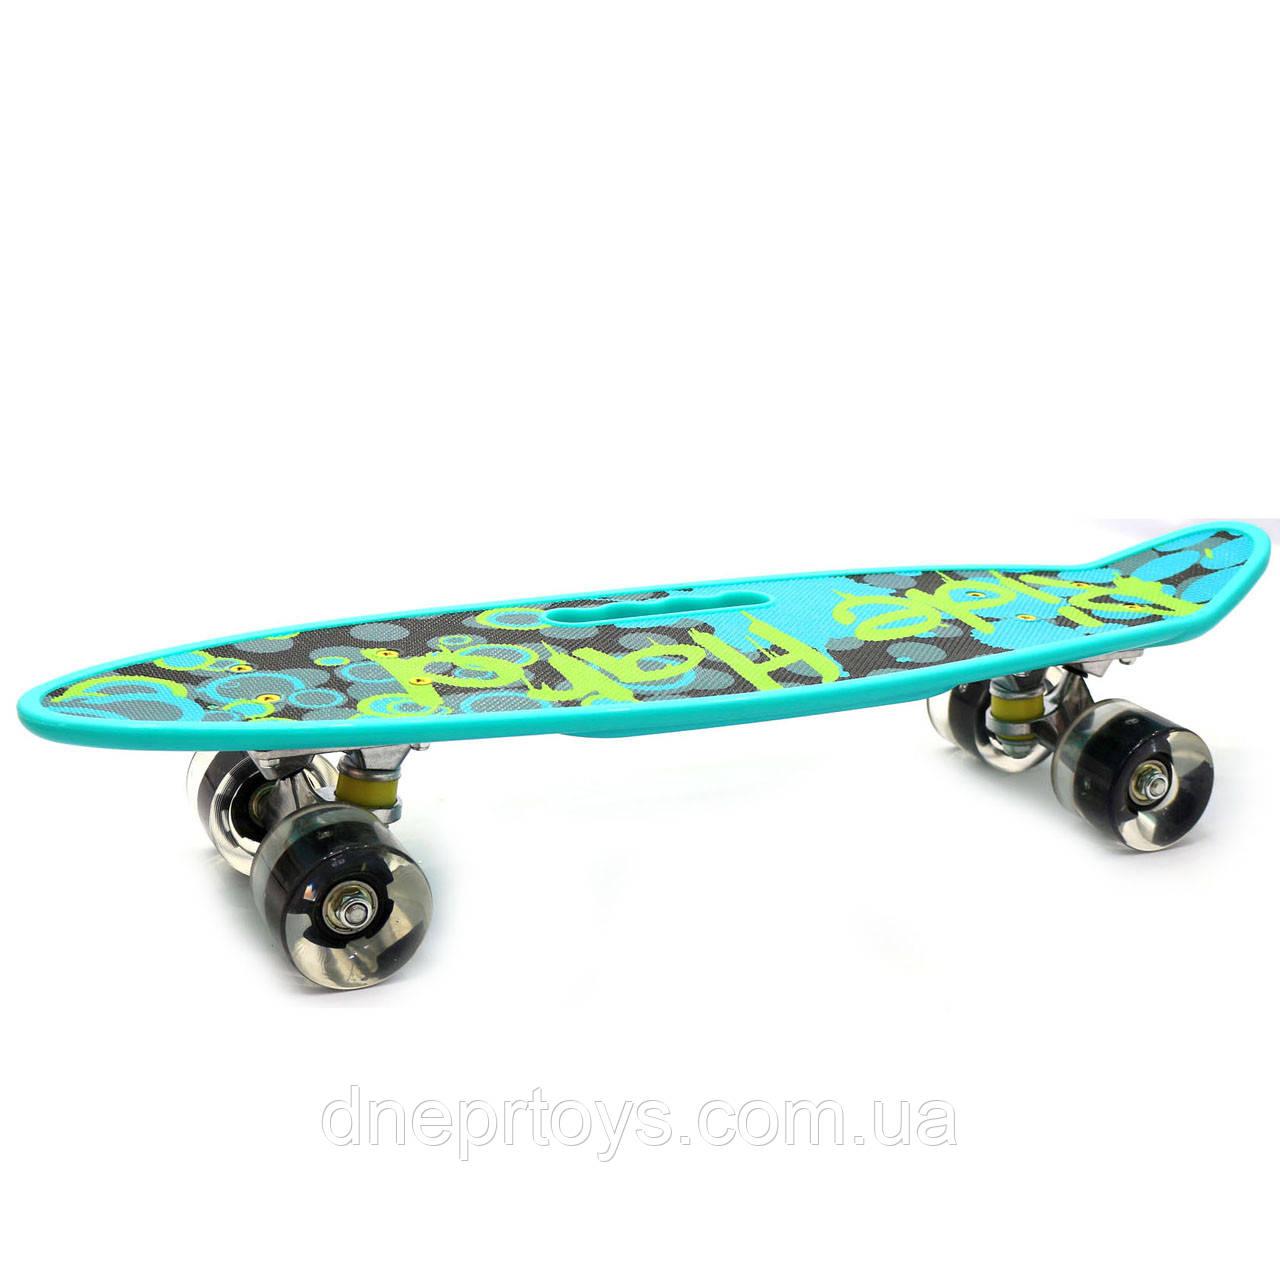 Пенни борд (скейт) со светящимися колесами и ручкой. Бесшумный Penny Board бирюза (С-40310)